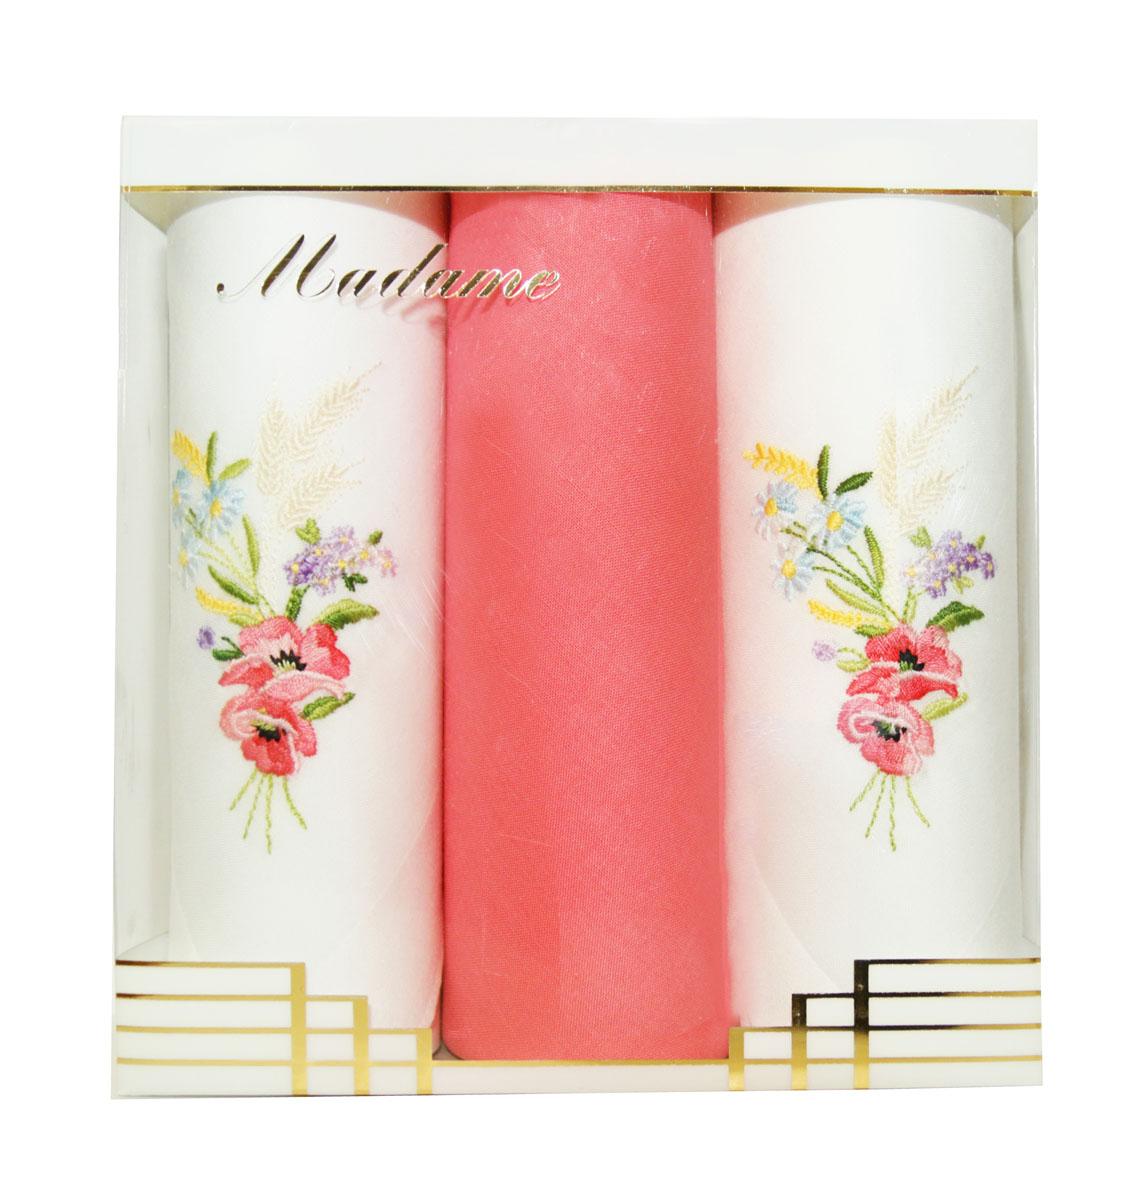 25605-3 Zlata Korunka Носовой платок женский, цвет: мультиколор, 29х29 см, 3 шт25605-3Платки носовые женские в упаковке по 3 шт. Носовые платки изготовлены из 100% хлопка, так как этот материал приятен в использовании, хорошо стирается, не садится, отлично впитывает влагу.